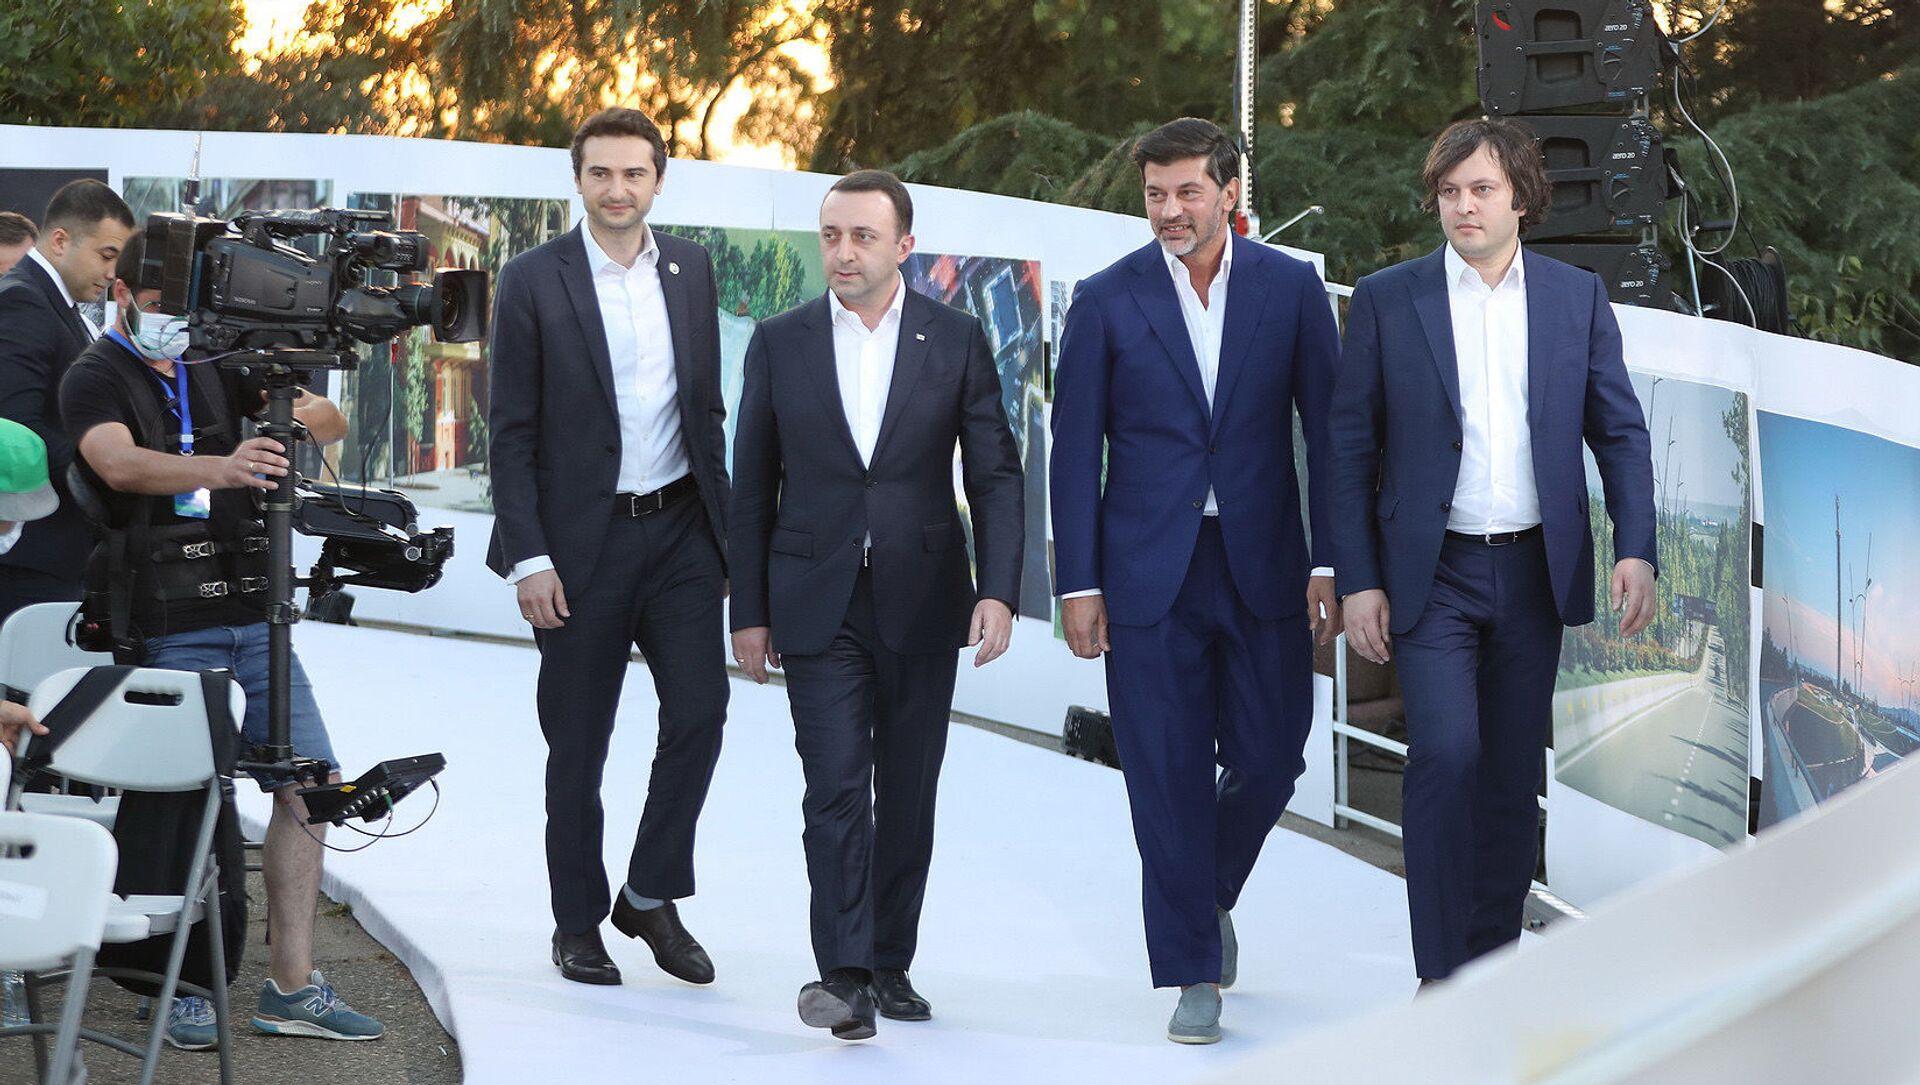 Лидеры правящей партии Грузинская мечта - Каха Кучава, Ираклий Гарибашвили, Каха Каладзе и Ираклий Кобахидзе - Sputnik Грузия, 1920, 30.07.2021